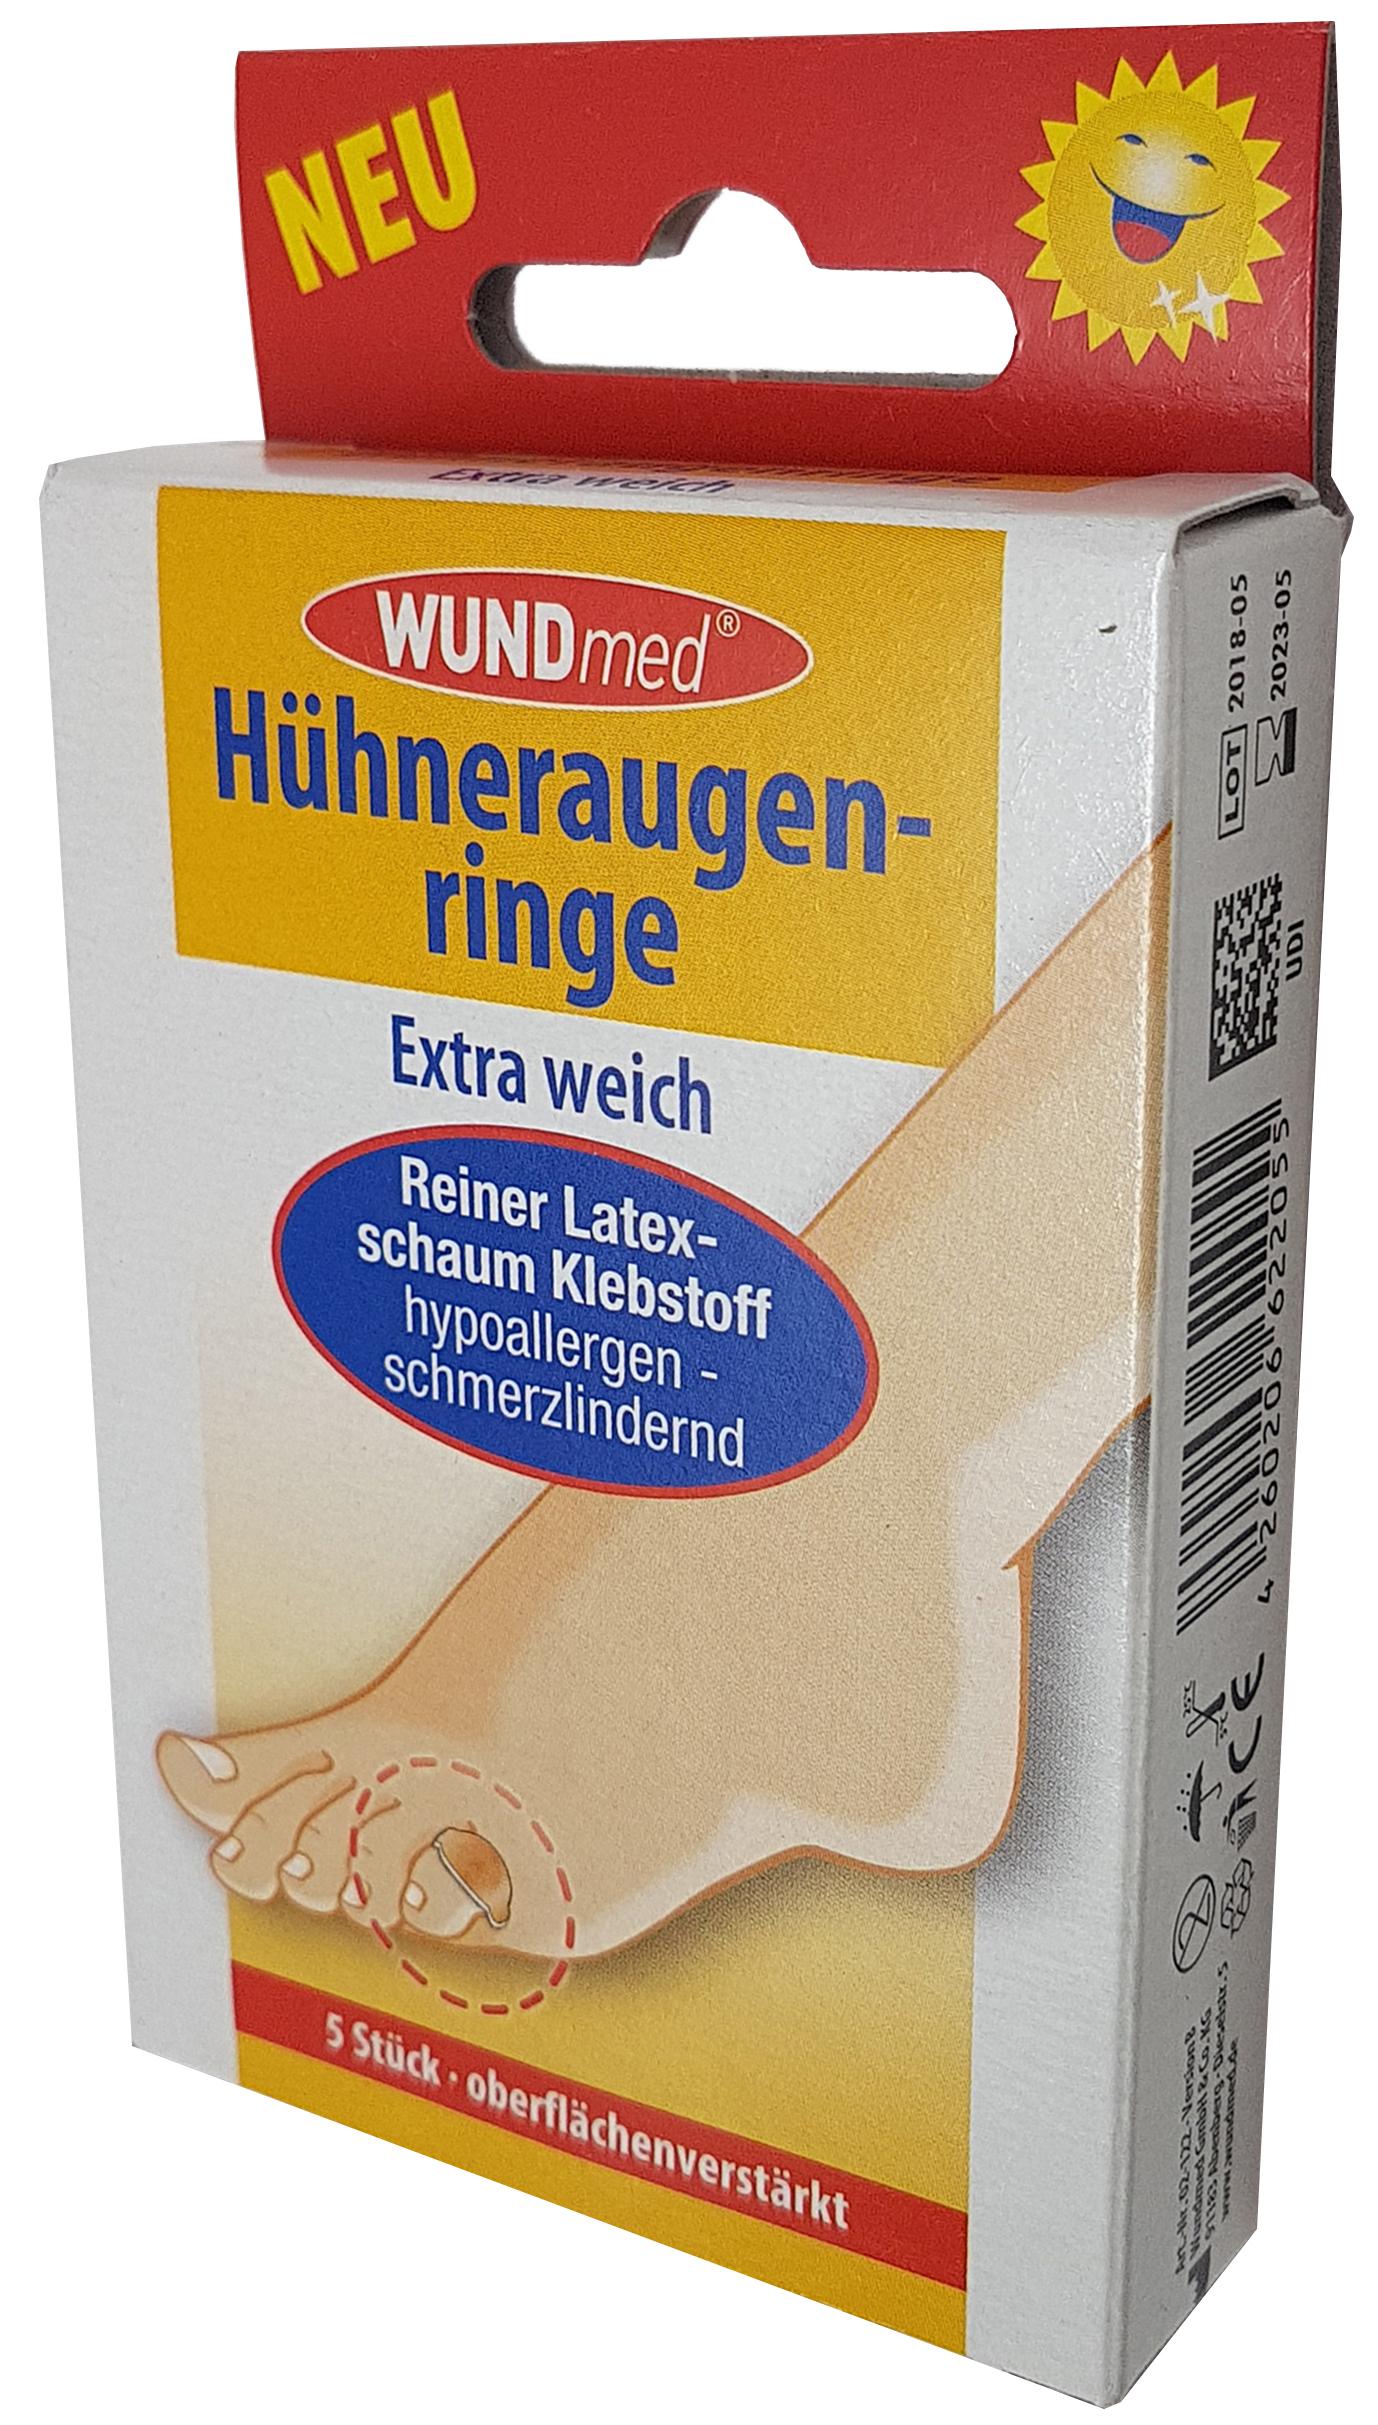 01757 - Hühneraugenringe 5er, extra weich